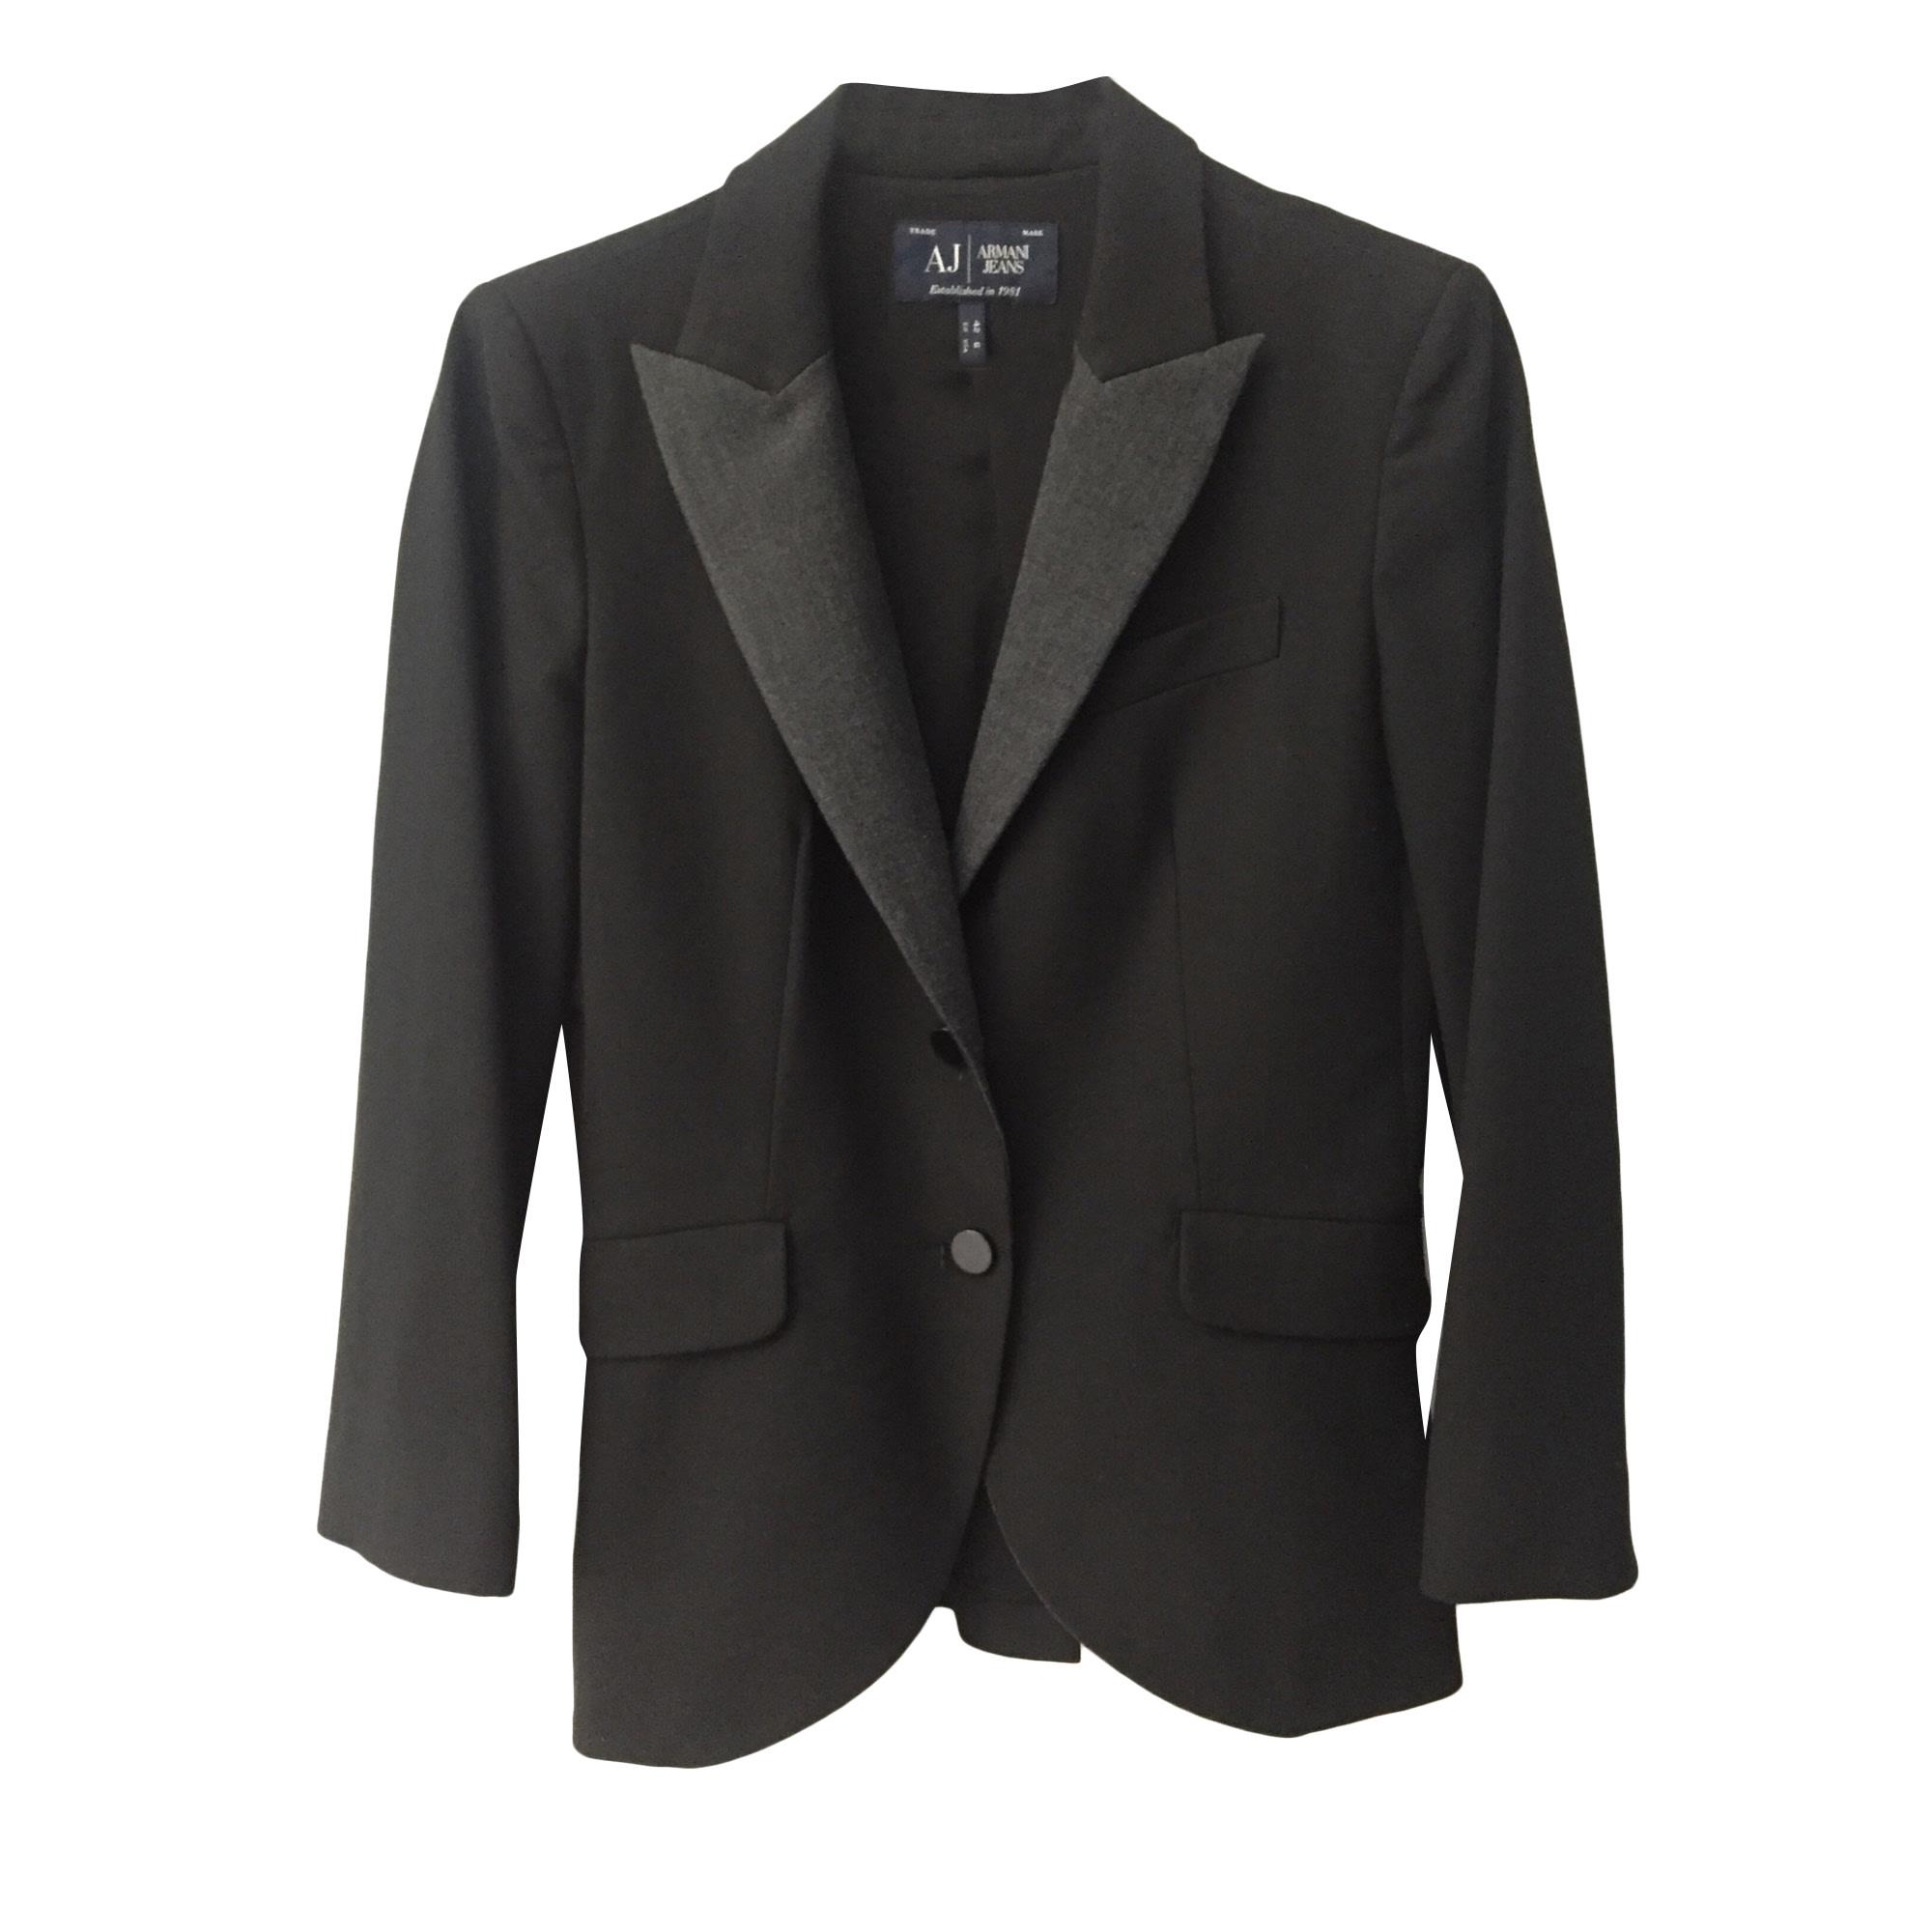 Blazer, veste tailleur ARMANI JEANS 38 (M, T2) noir vendu par ... c850b410f56